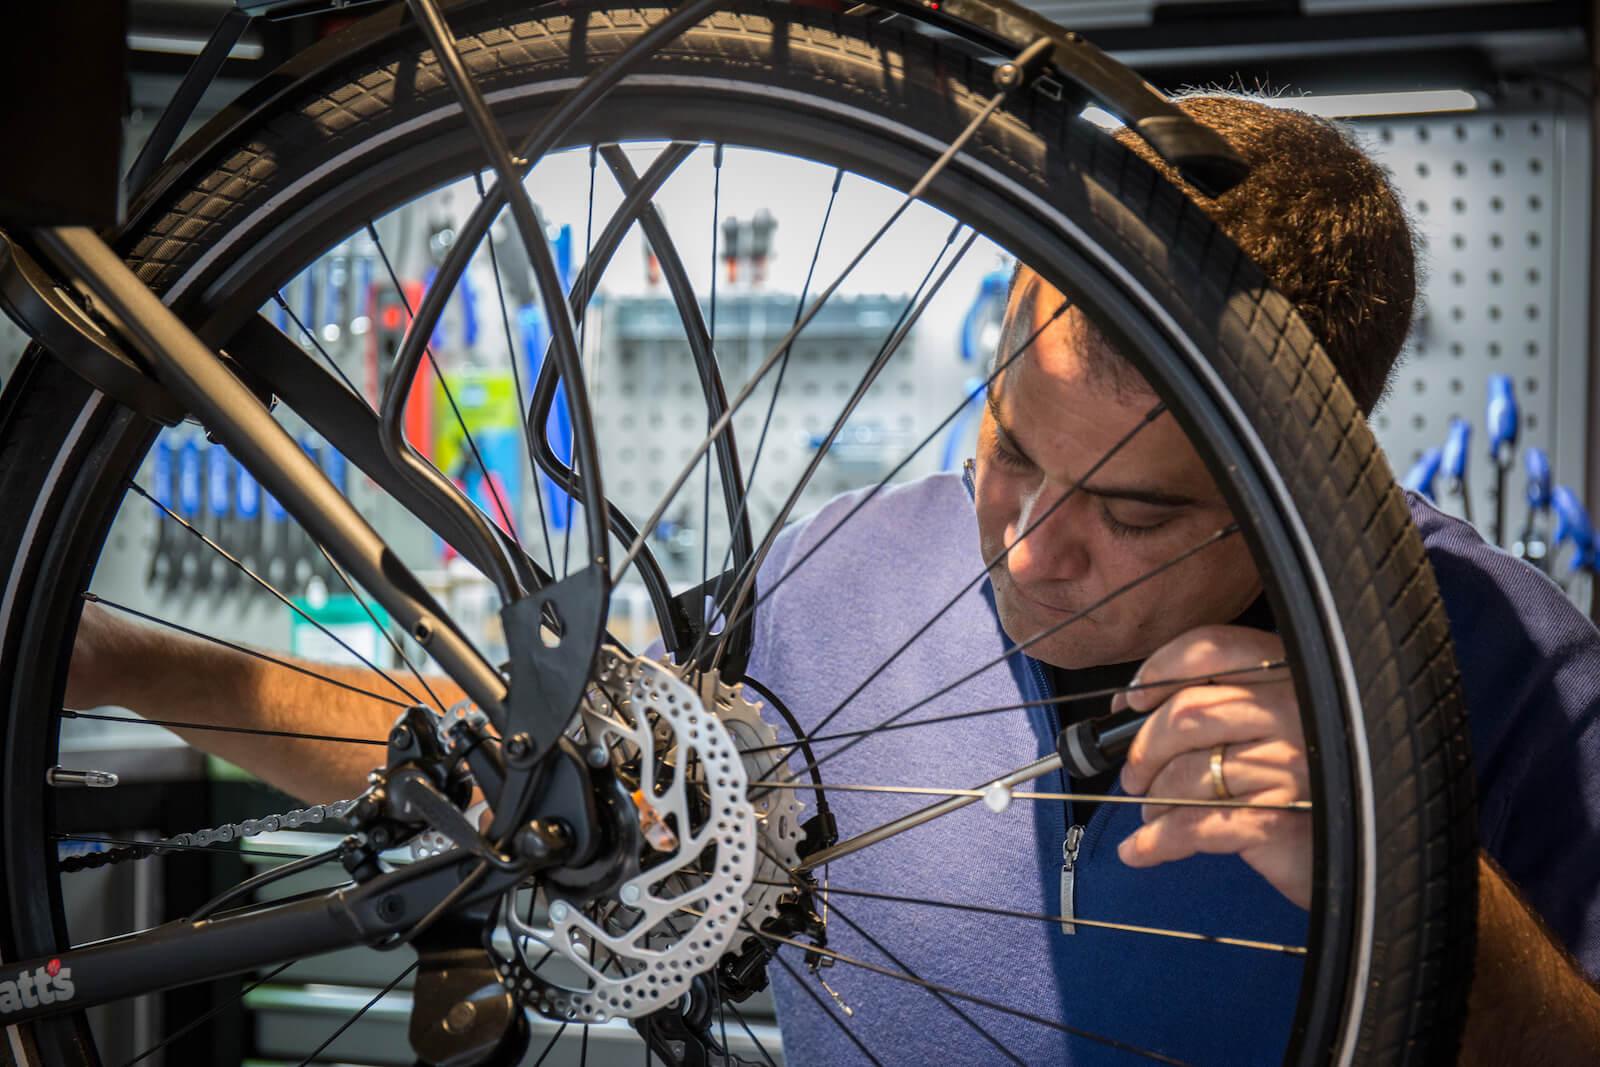 Charly en train de travailler sur la réparation d'un vélo